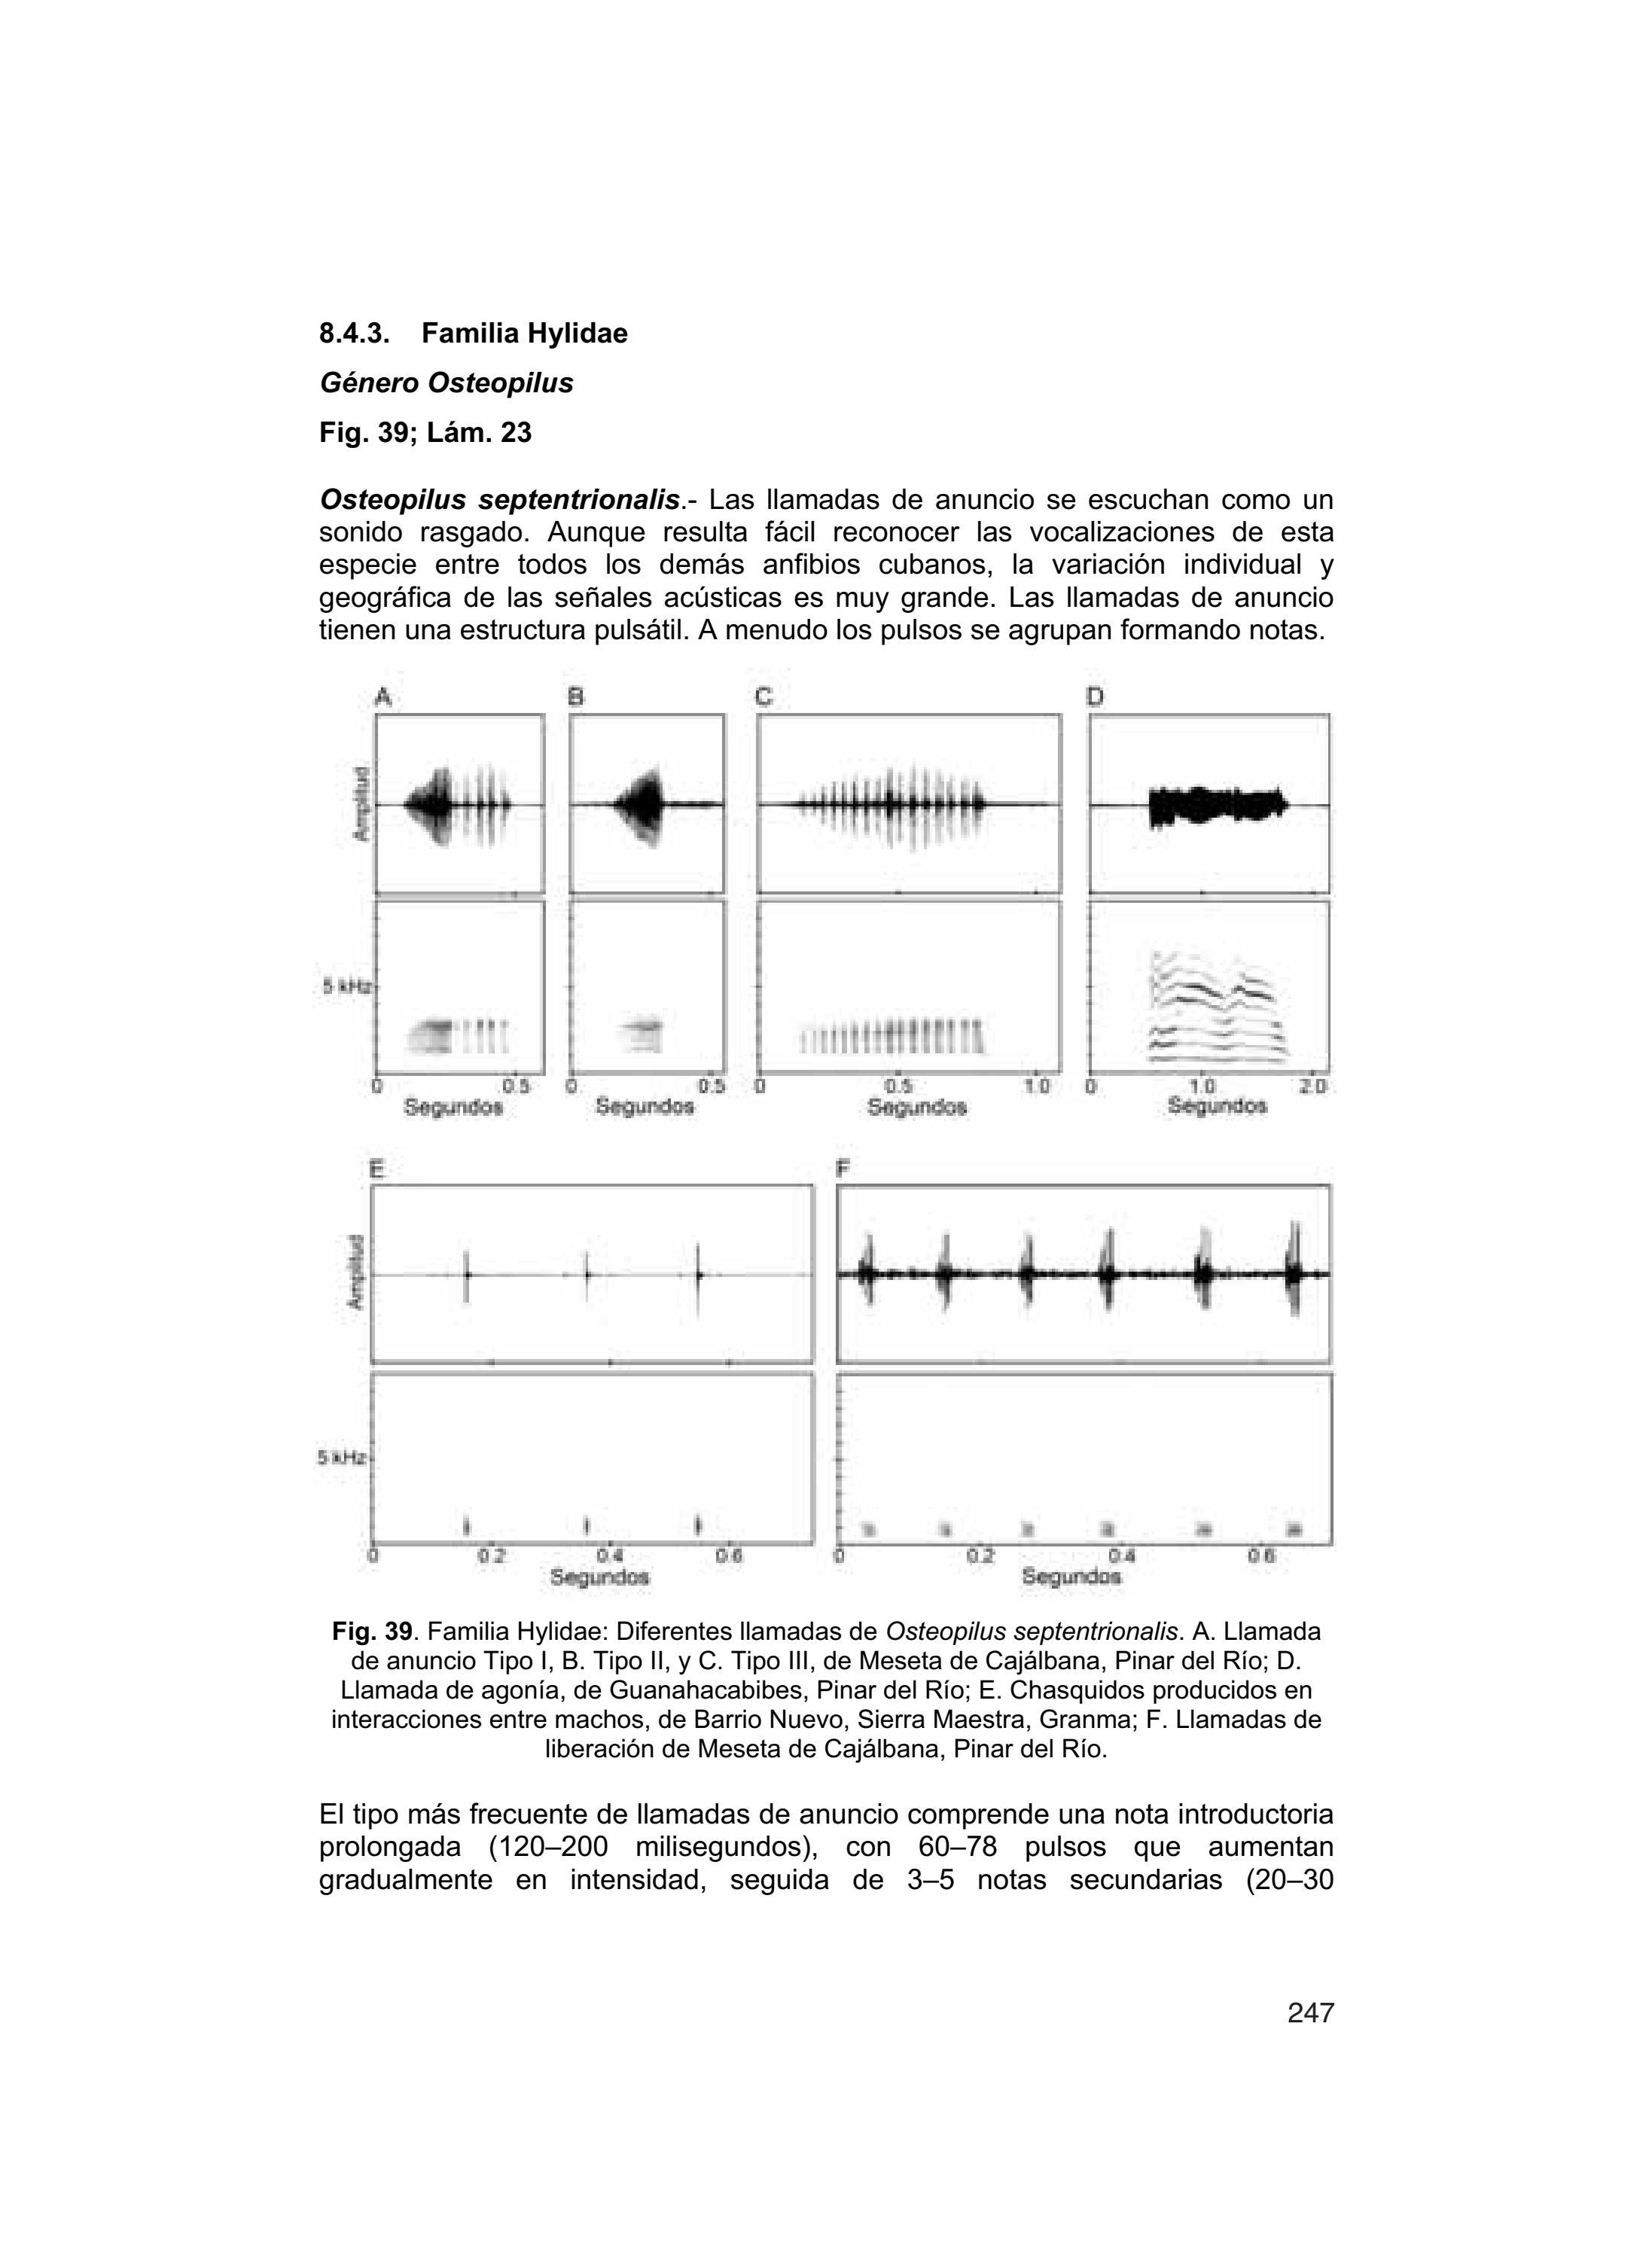 Diaz Lm Cadiz A 2006 Guia Taxonomica De Los Anfibios